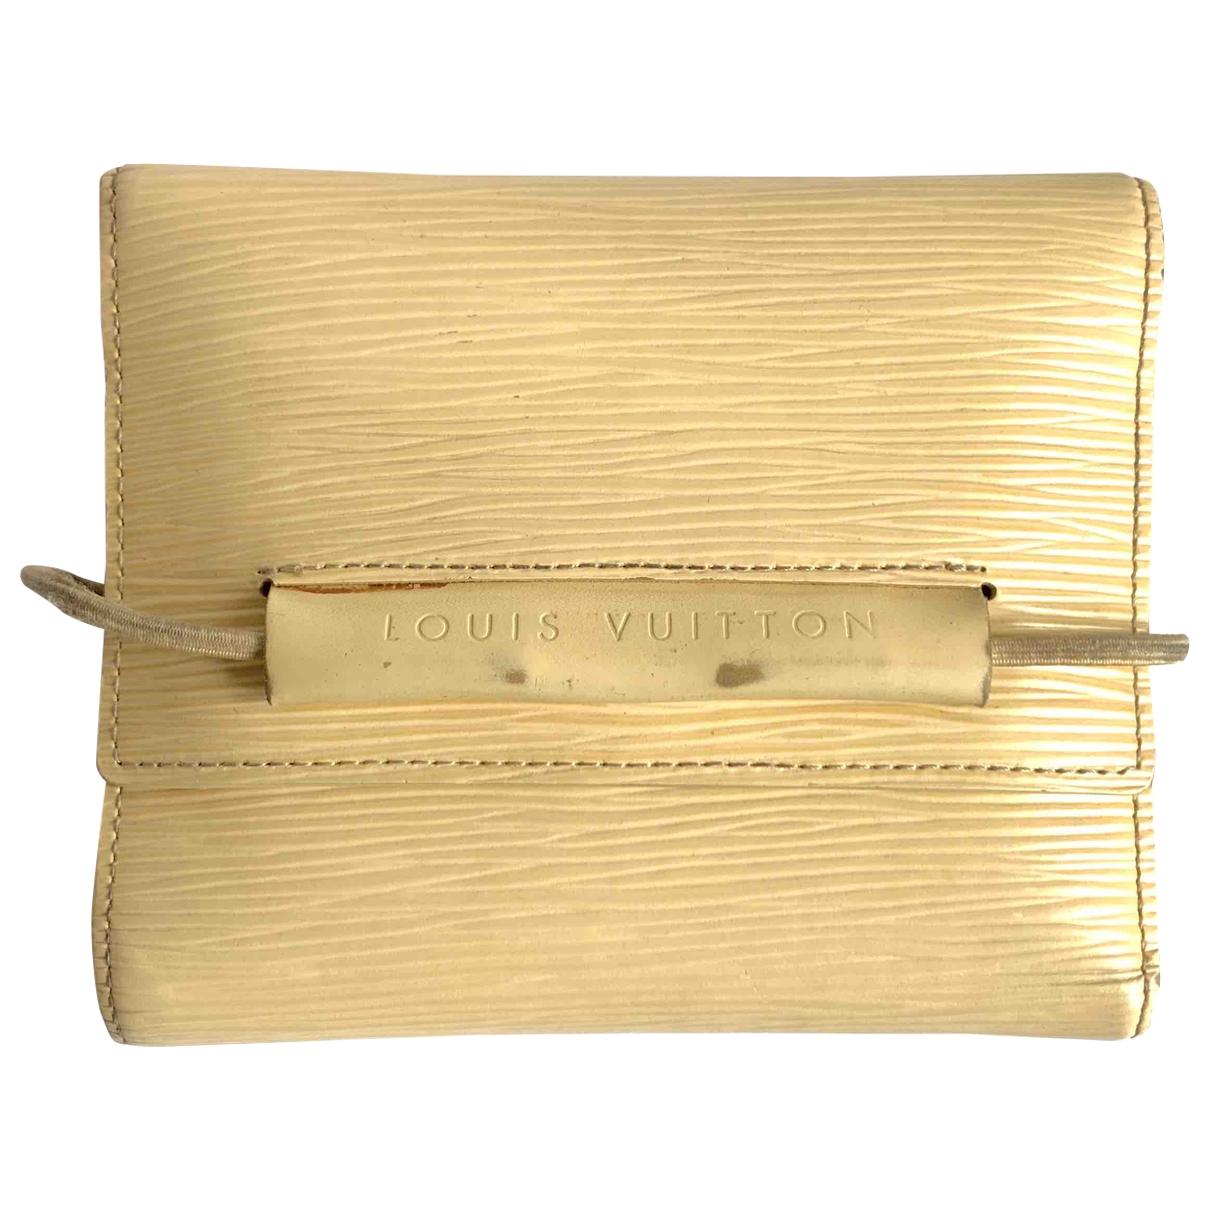 Louis Vuitton - Portefeuille   pour femme en cuir - beige